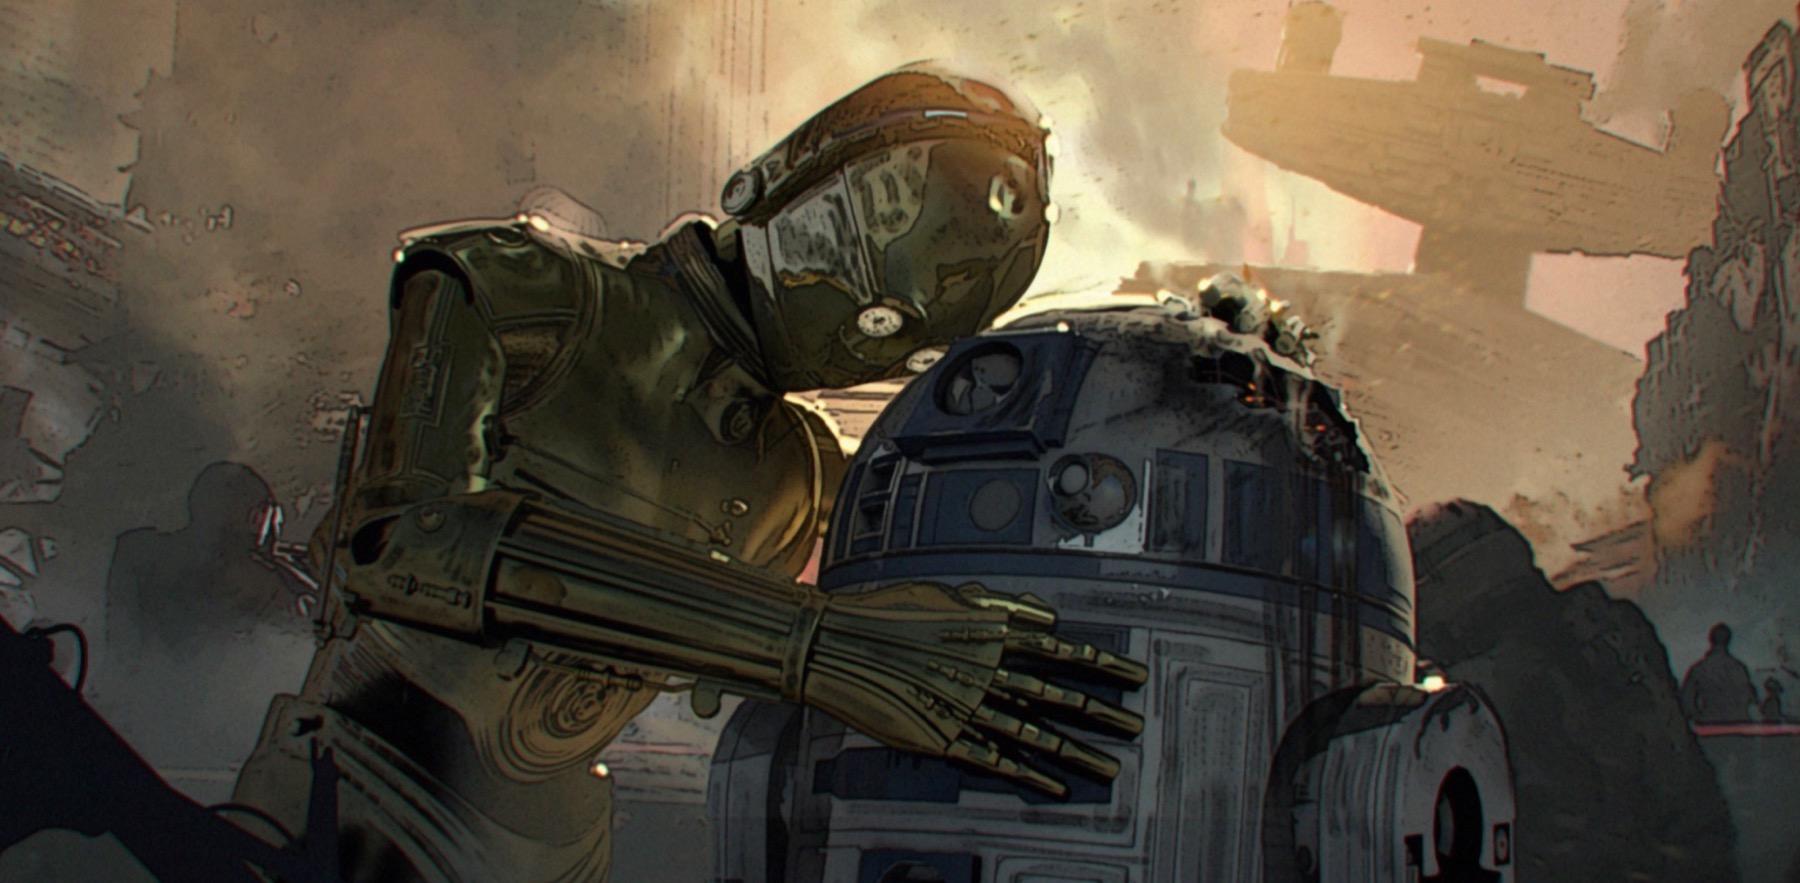 Колин Треворроу концепт-арты фильма Дуэль судеб В битве на Корусанте R2D2 уничтожен. Эмоции C3PO, которых мы раньше никогда не видели